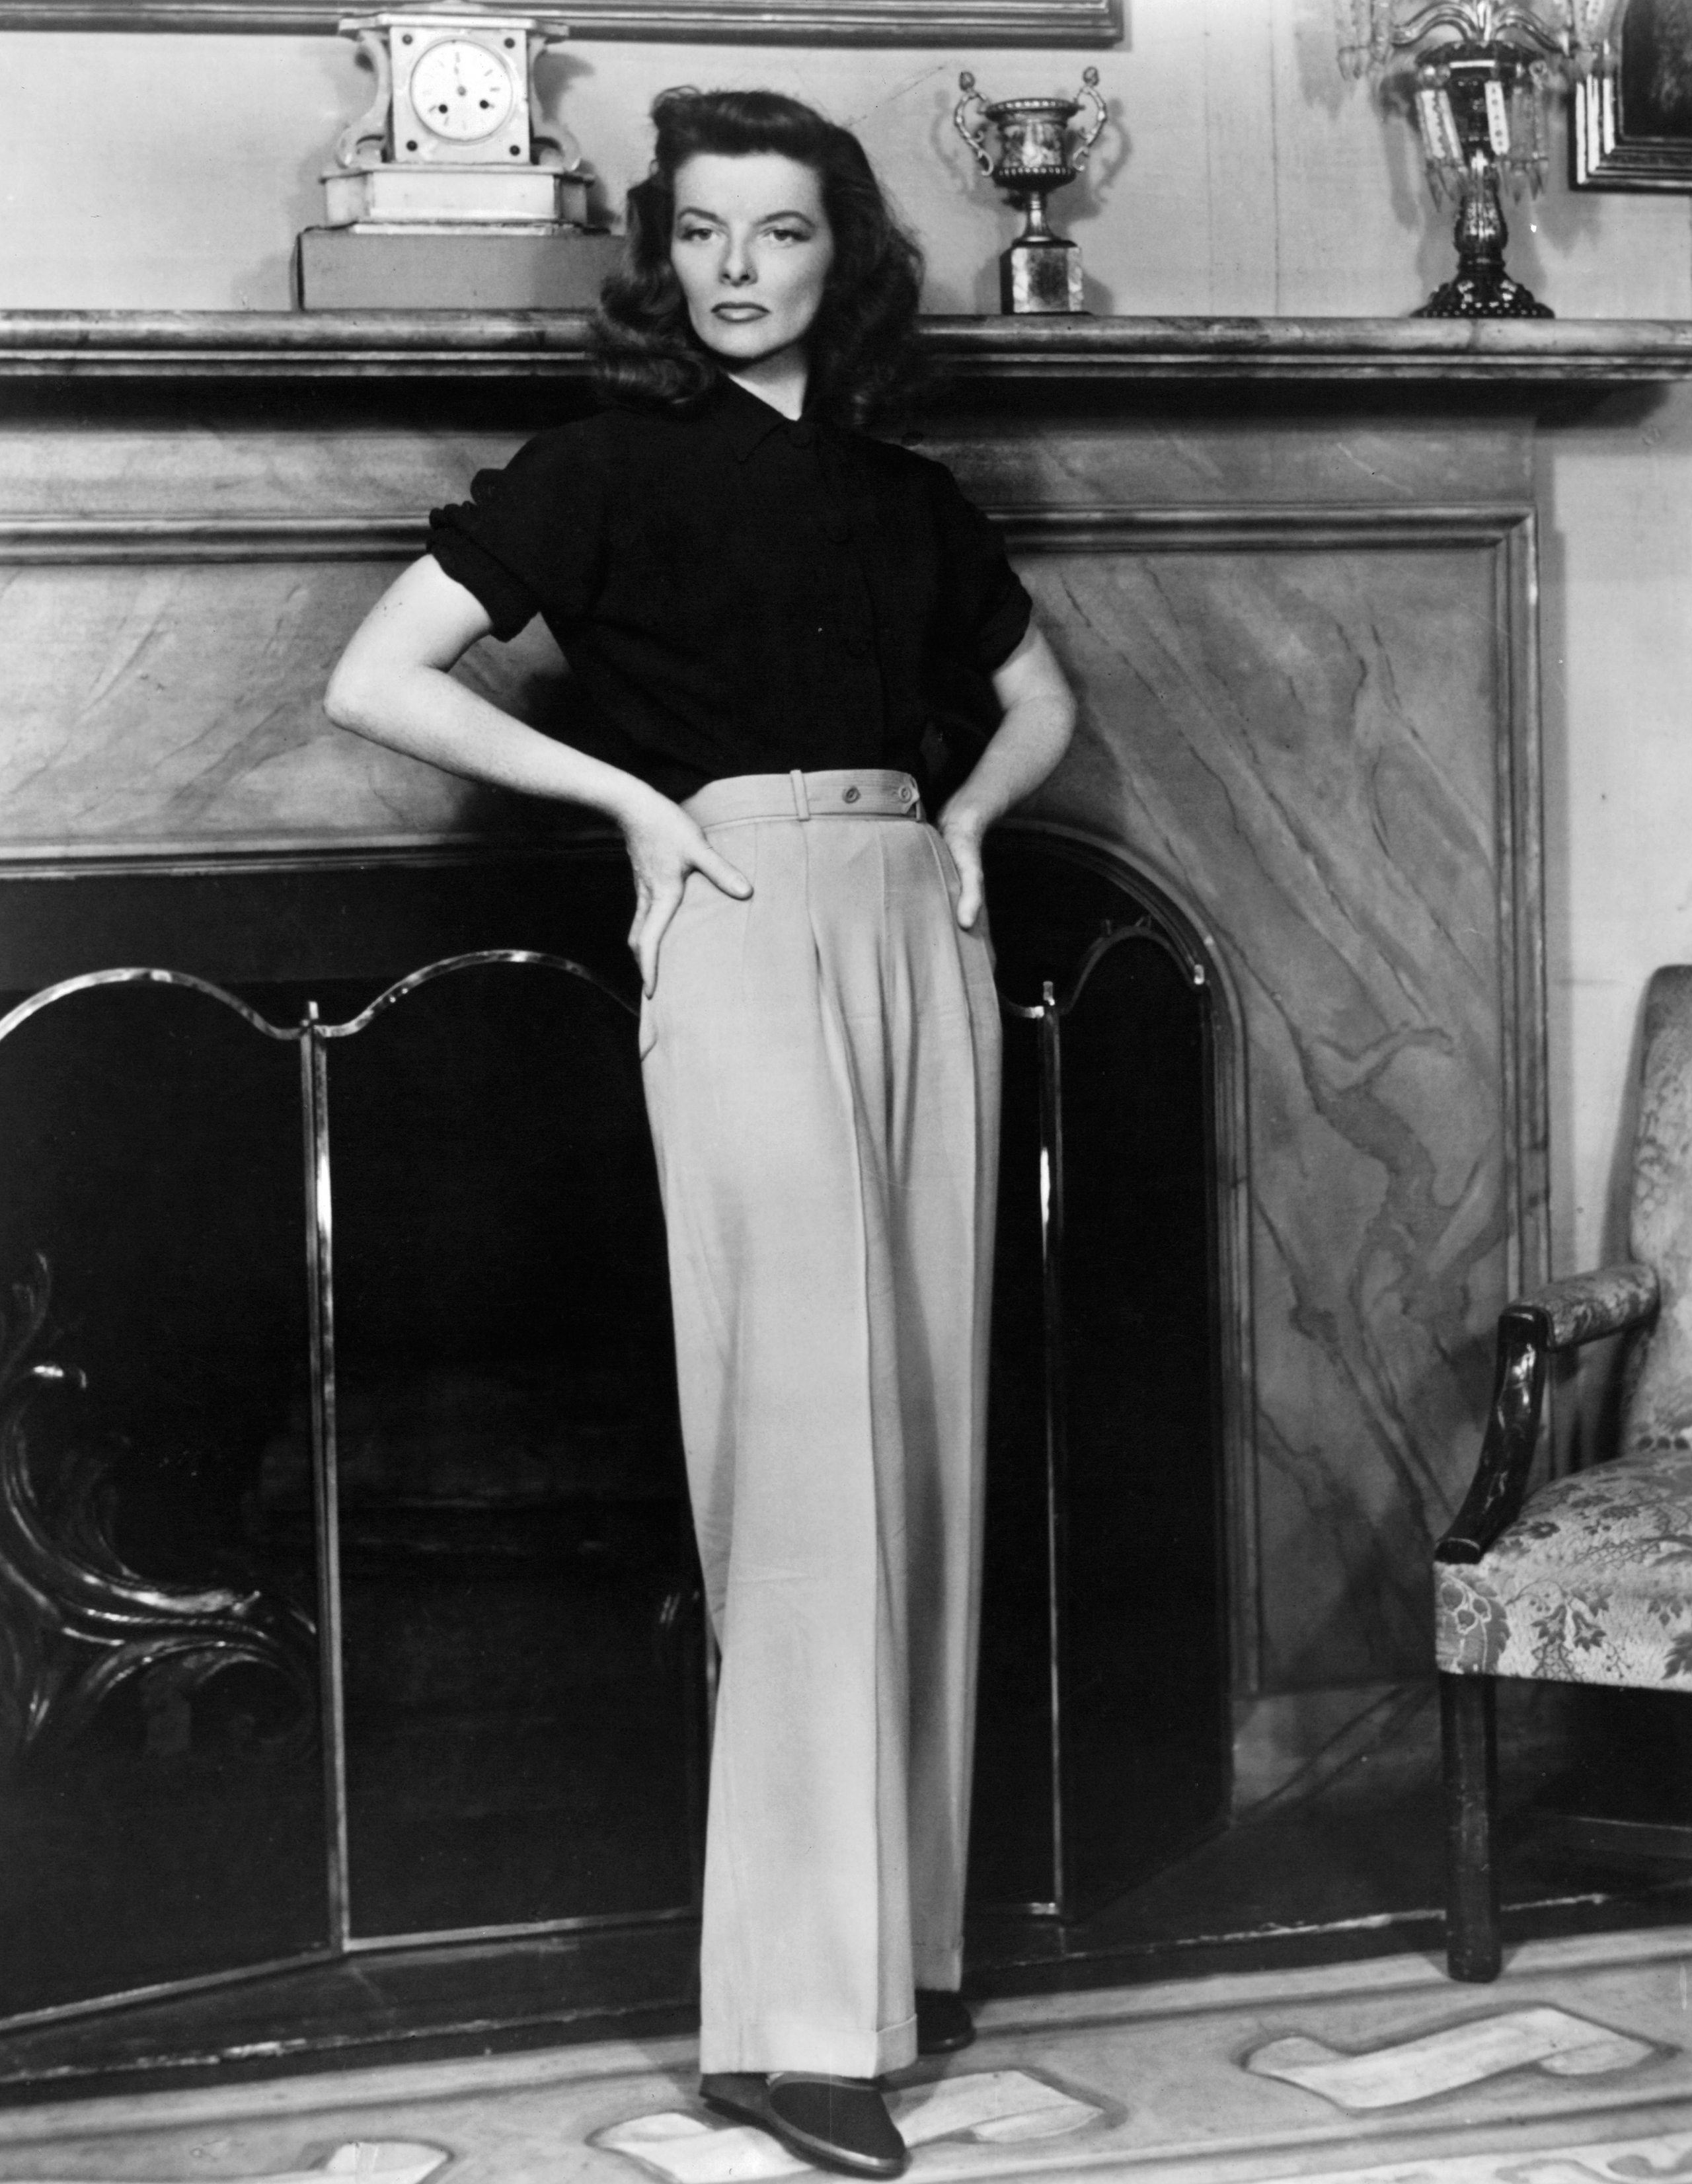 Katharine Hepburn in a scene from the film The Philadelphia Story, 1940.